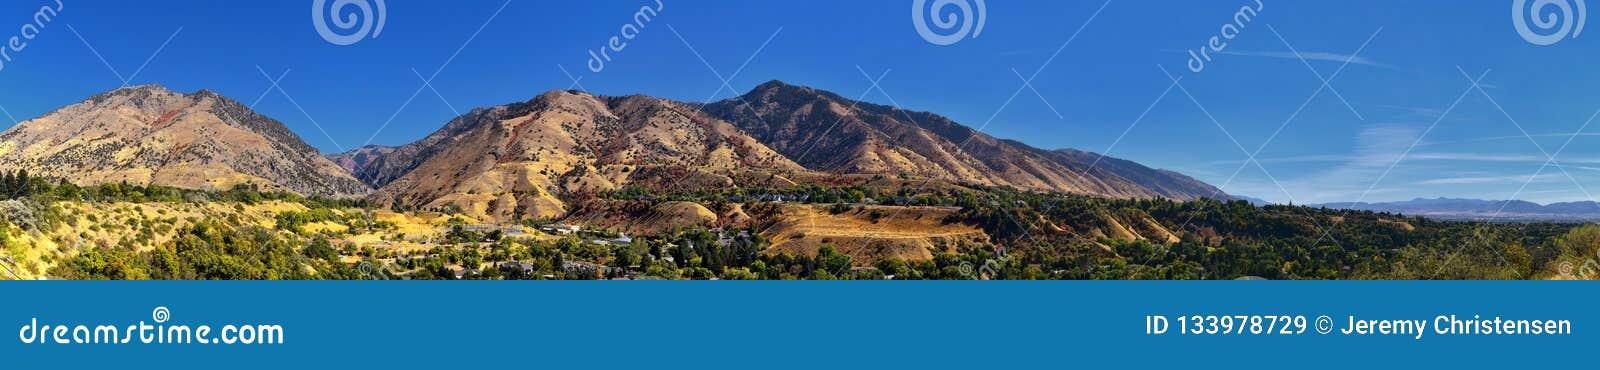 Opiniones del paisaje de Logan Valley incluyendo las montañas de Wellsville, Nibley, Hyrum, providencia y las ciudades de la sala